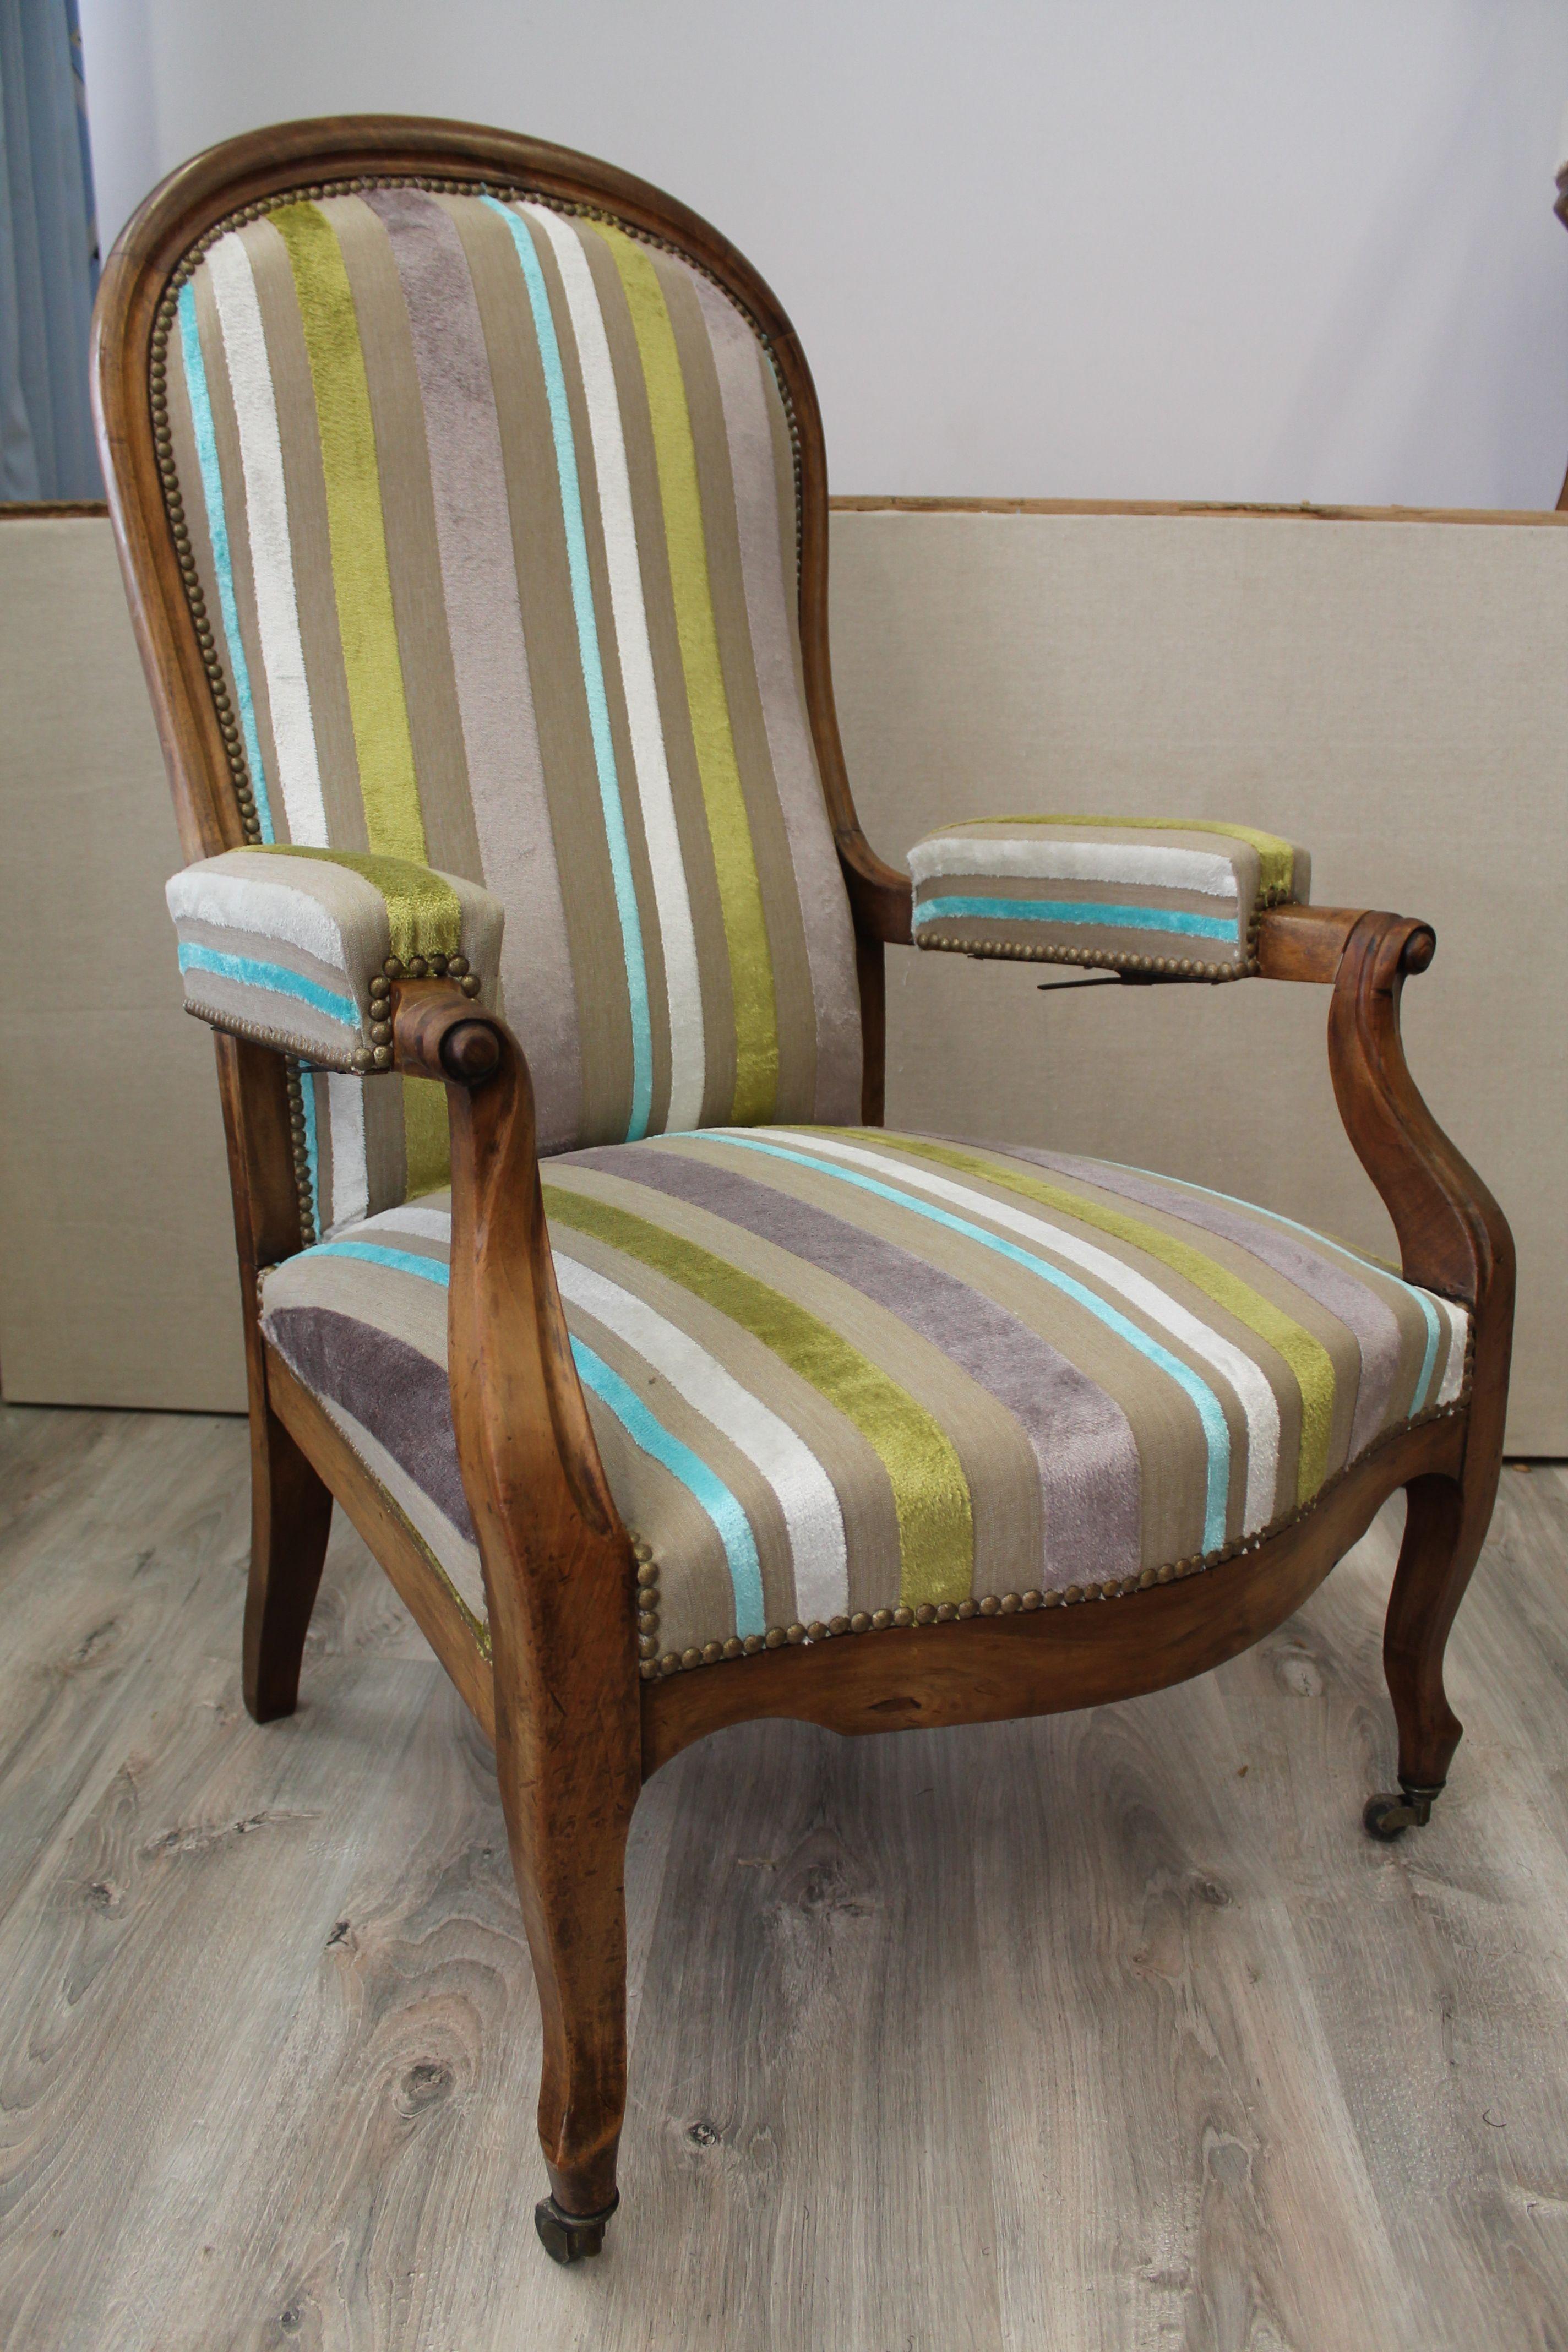 tissu trasimeno pour fauteuil voltaire tissu fauteuil pinterest fauteuil voltaire. Black Bedroom Furniture Sets. Home Design Ideas